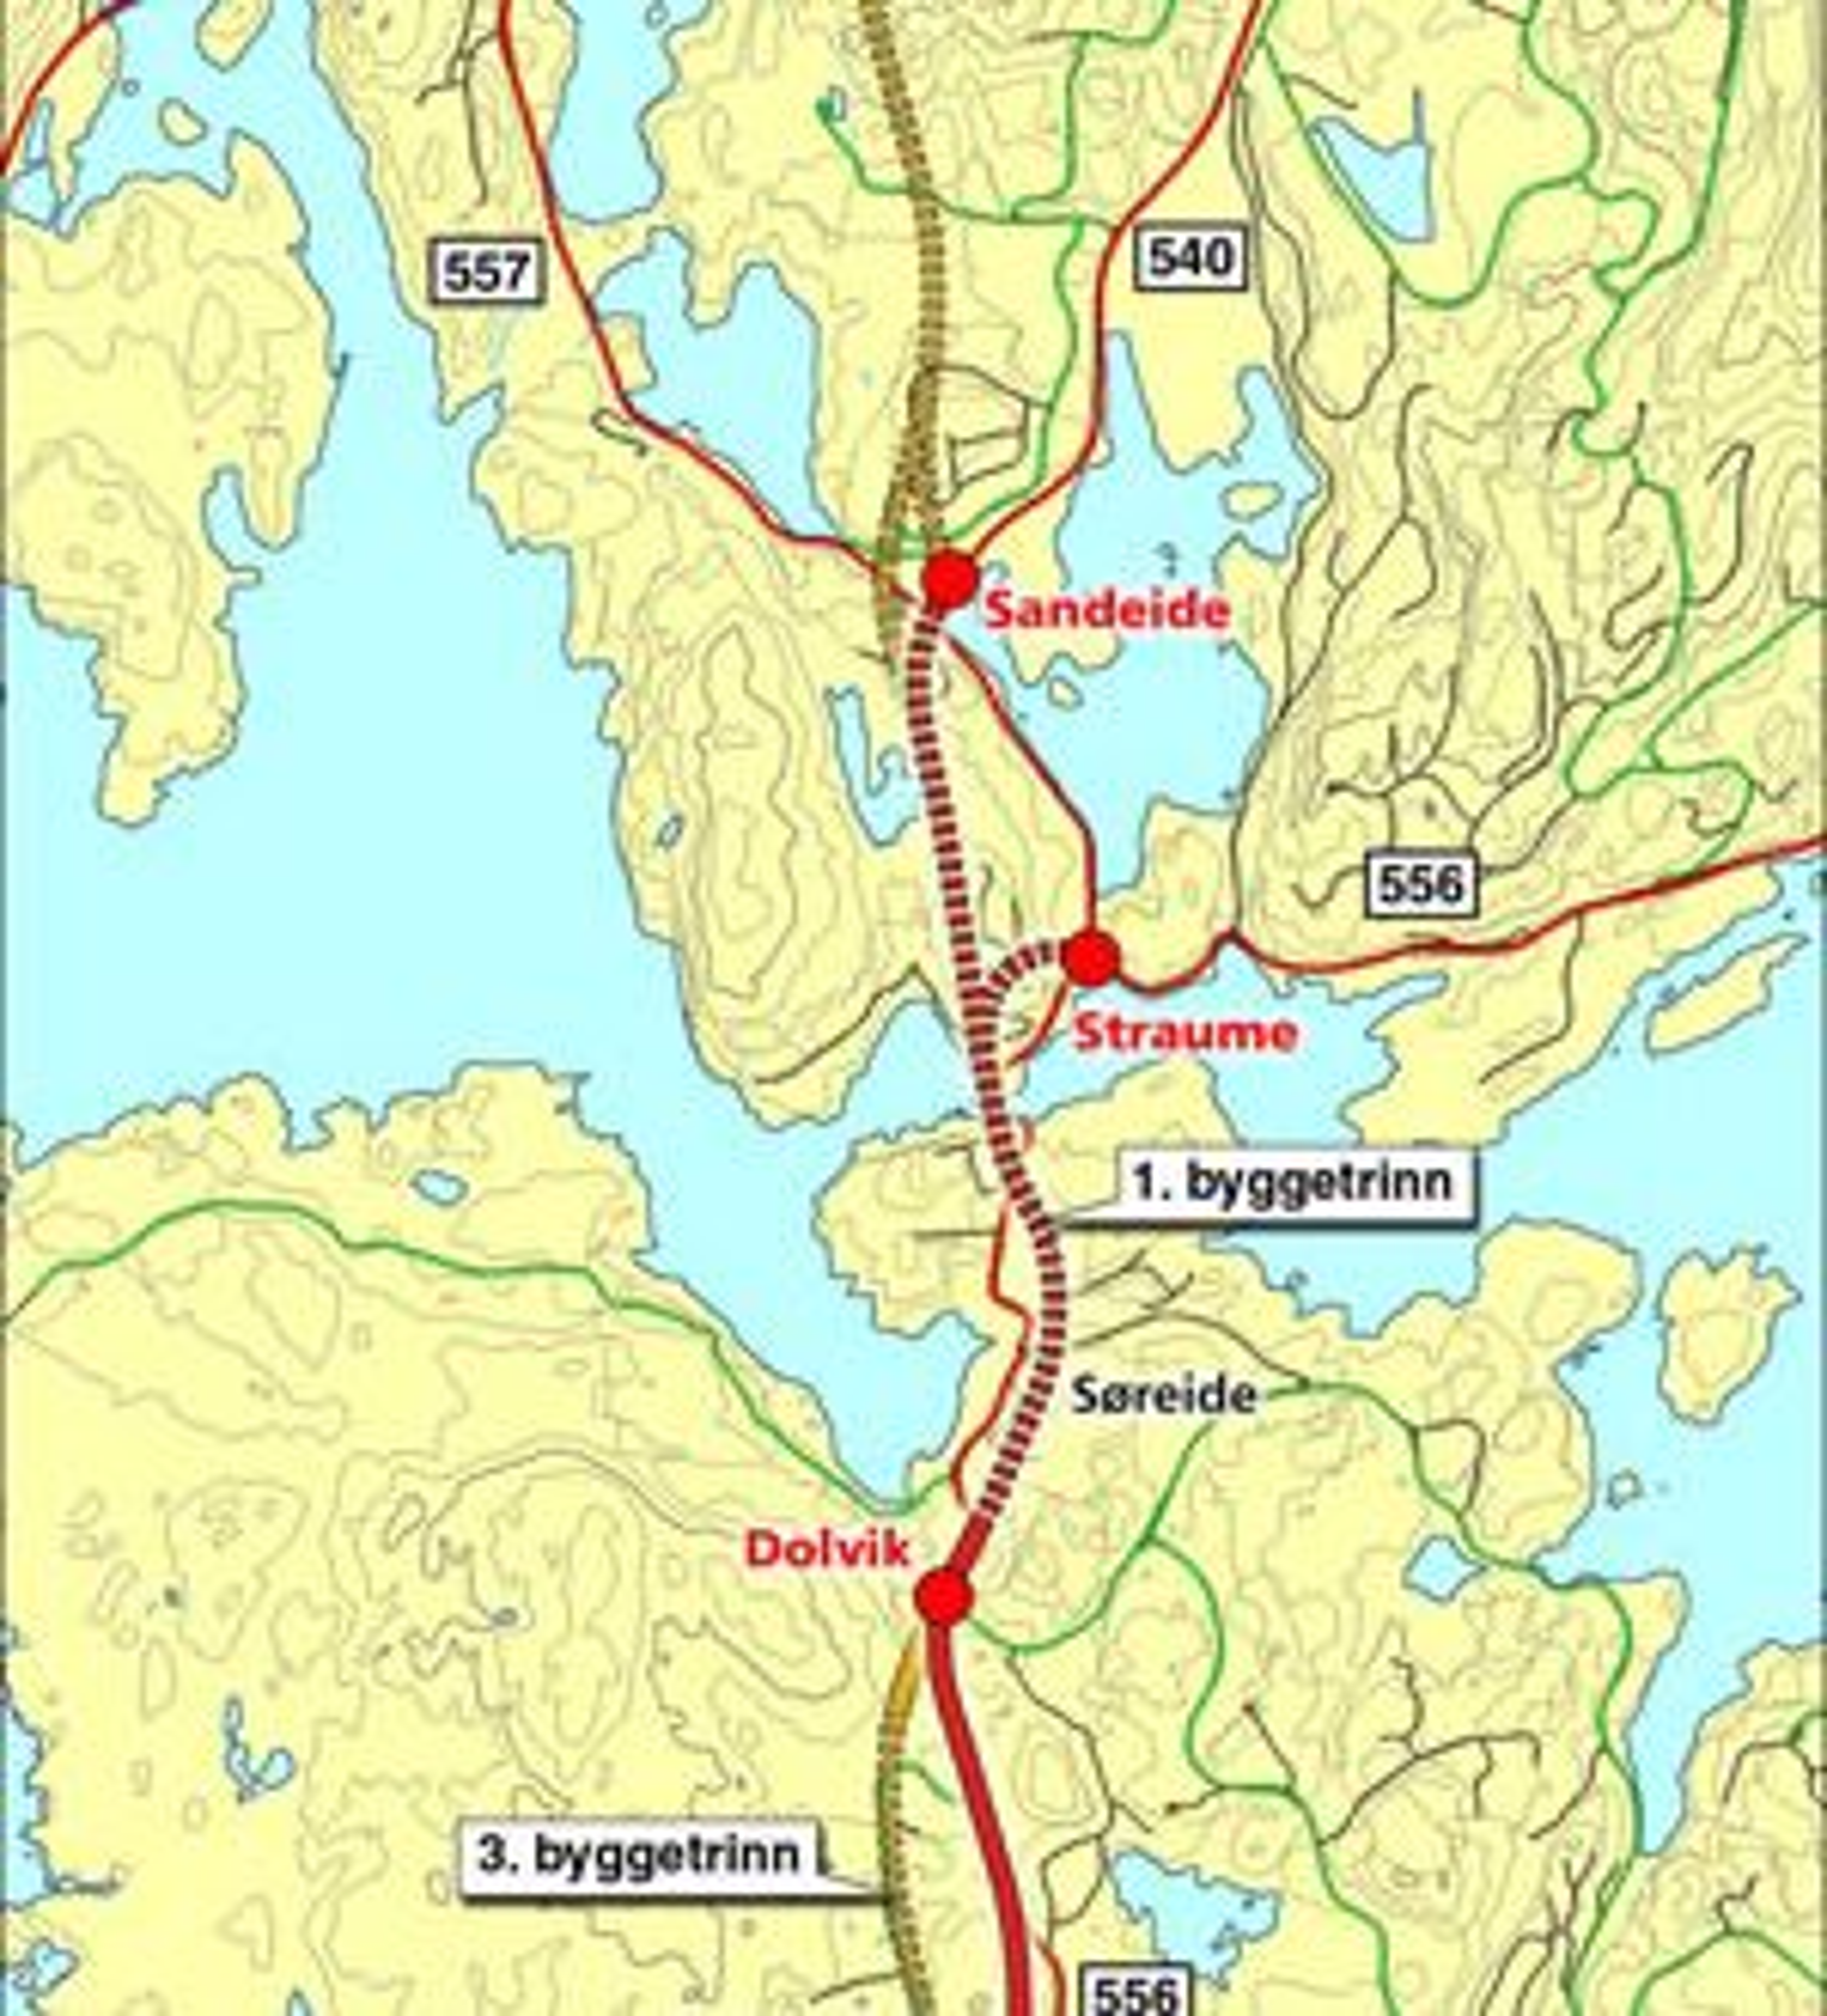 Elektroinstallasjonene skal utføres mellom Dolvik og Sandeide. Tunnelsystemet er langt mer omfattende enn dette kartet gir inntrykk av. Tunnelen får to 2,5 km lange hovedløp, og over 1,6 km ramper. (Ill.: Statens vegvesen)